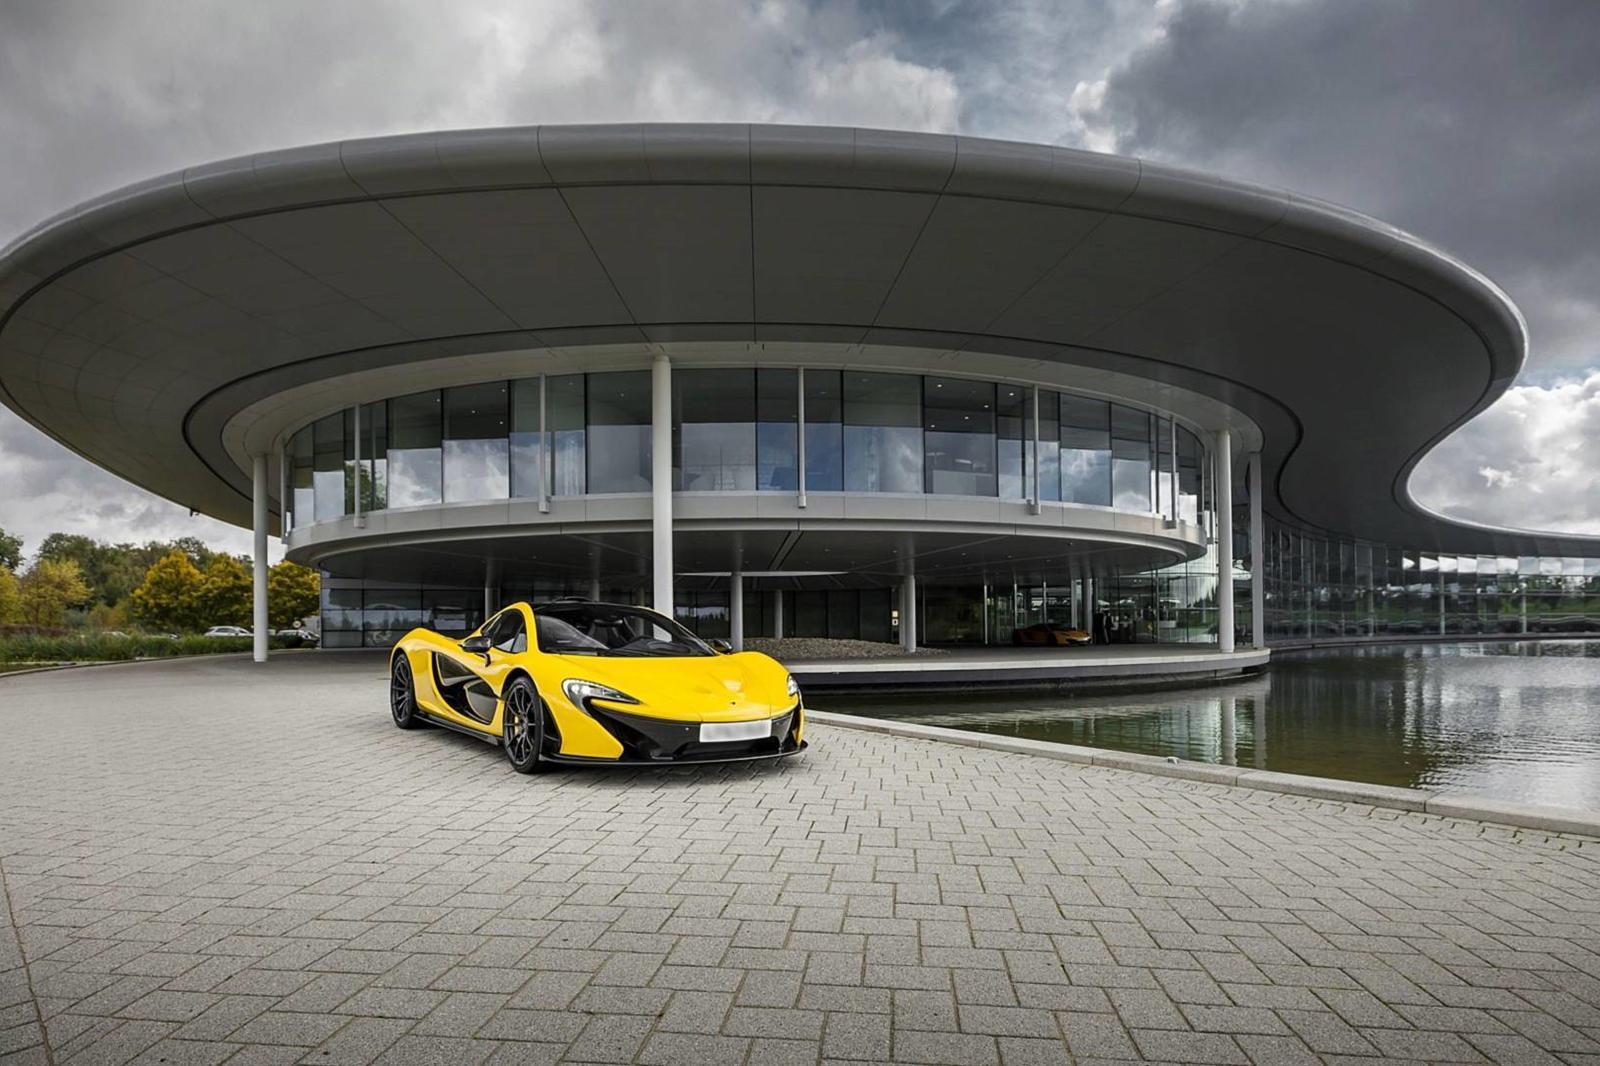 Khó khăn vì COVID-19, hãng siêu xe McLaren rao bán trụ sở chính